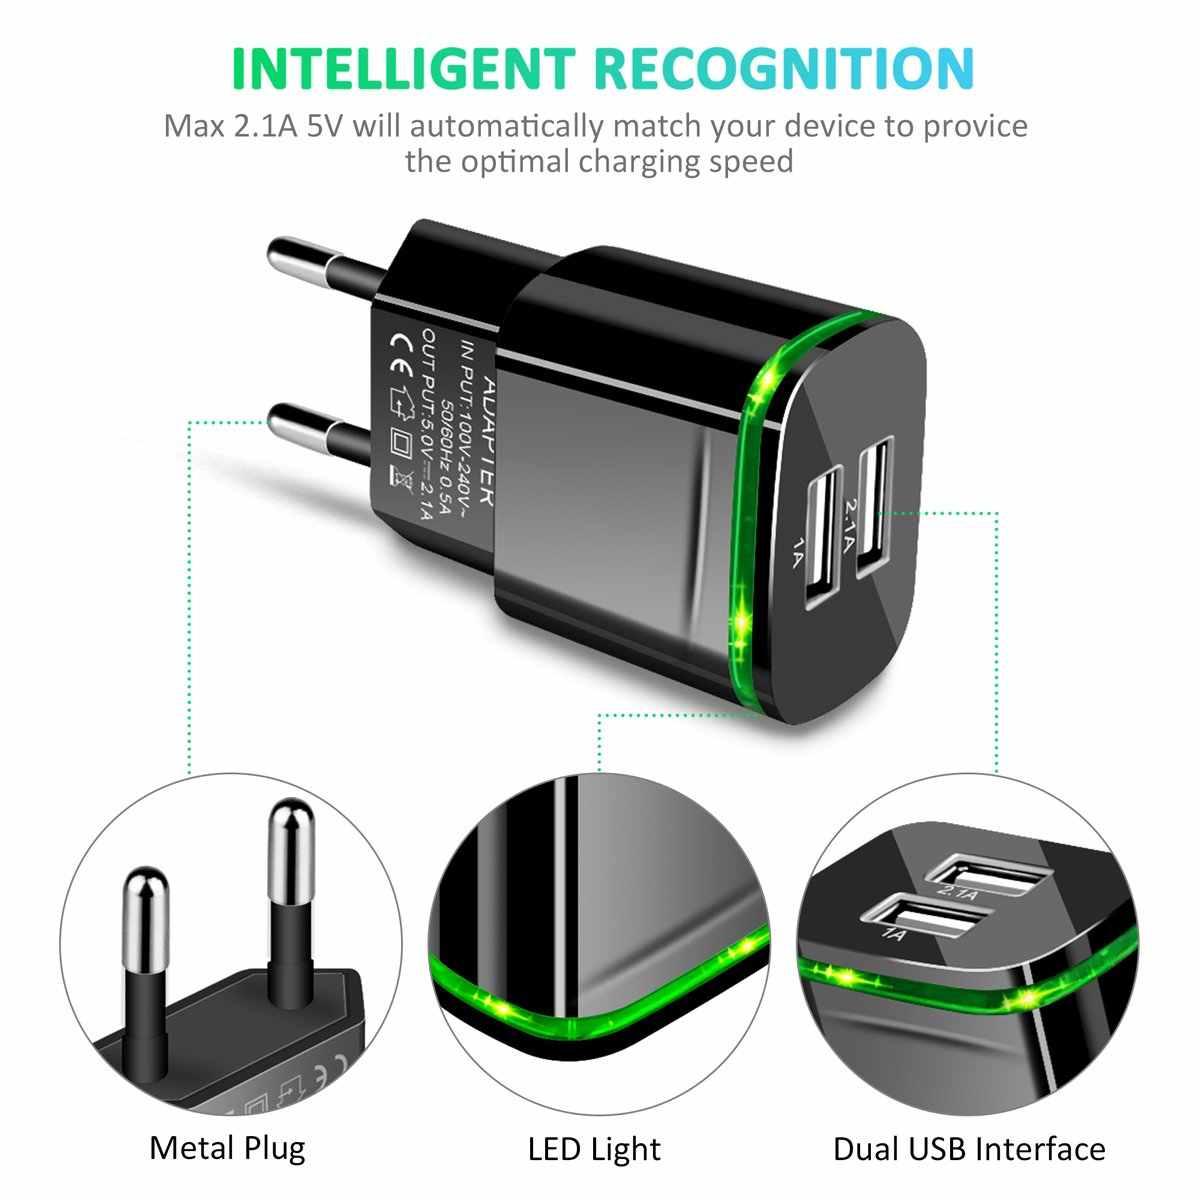 5V 2.1a/1a 2 יציאות USB ירוק LED אור האיחוד האירופי Plug מהיר מטען כבל מתאם עבור LG K10 2017 K4 K5 K7 K8 Q6 X כוח K220DS G4 G5